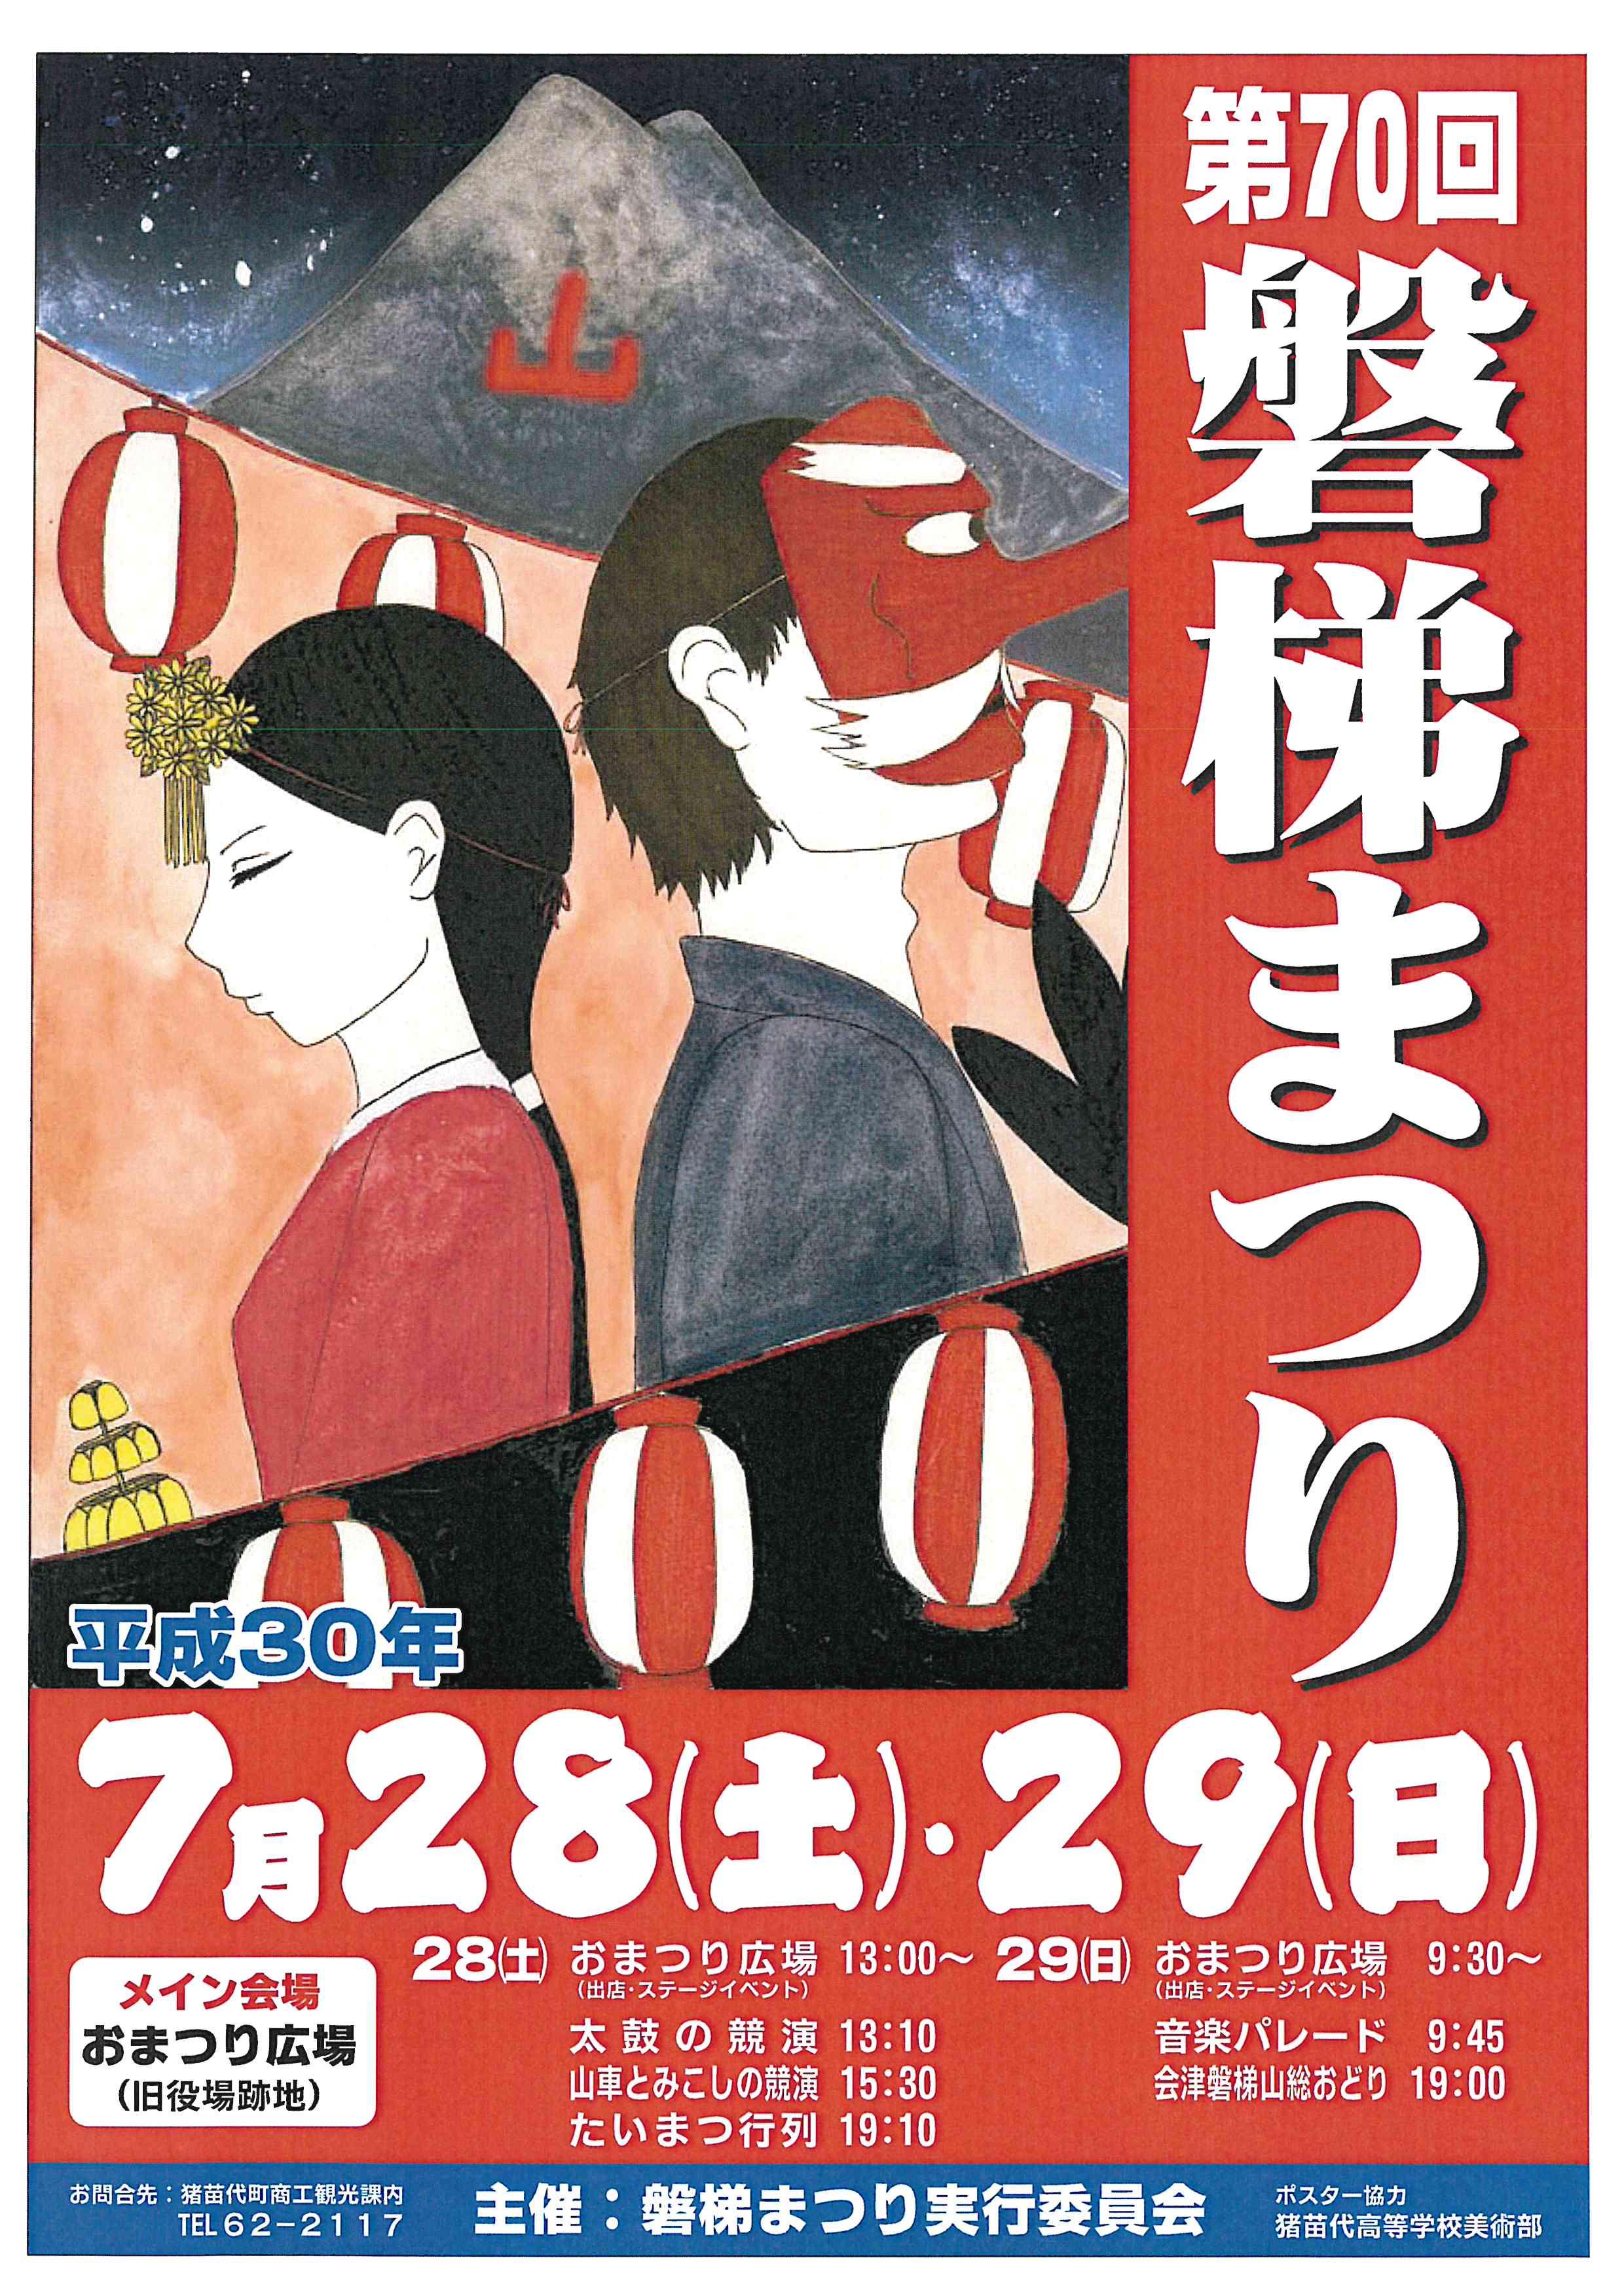 磐梯まつりポスター JPEG版